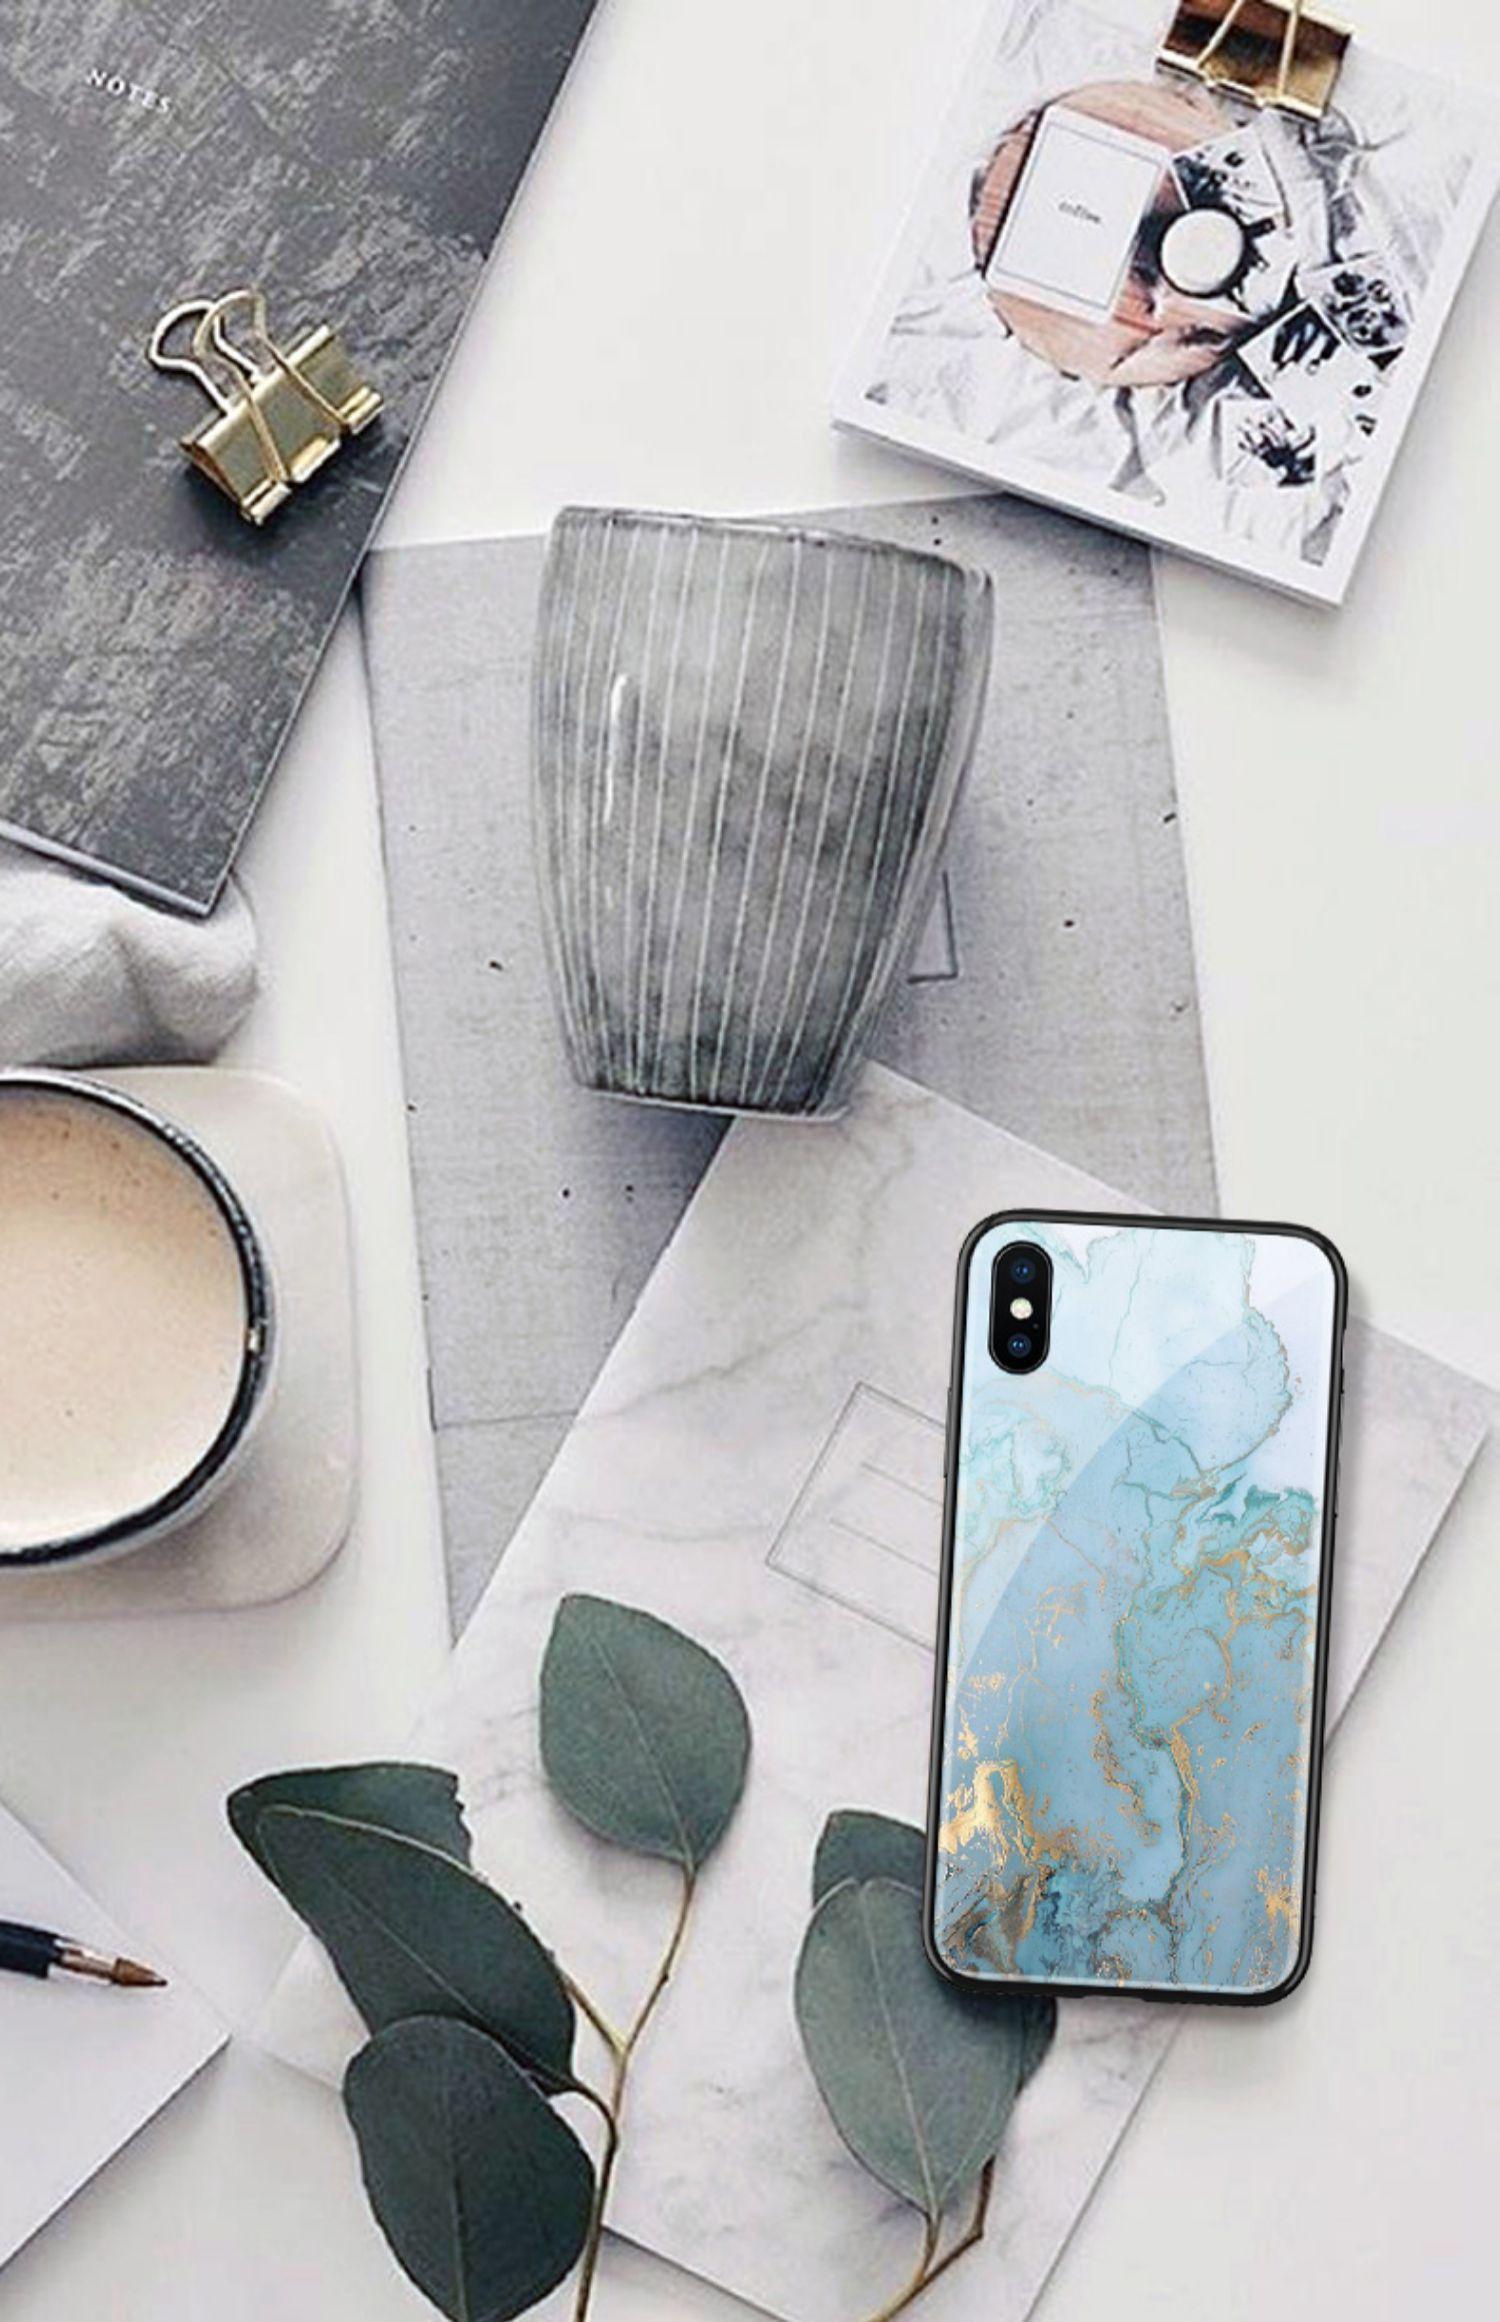 蓝色烫金大理石苹果11手机壳iphone 8plus新款x玻璃11pro简约ins风xs max个性创意6简约xr文艺xr硬7网红se2女商品详情图